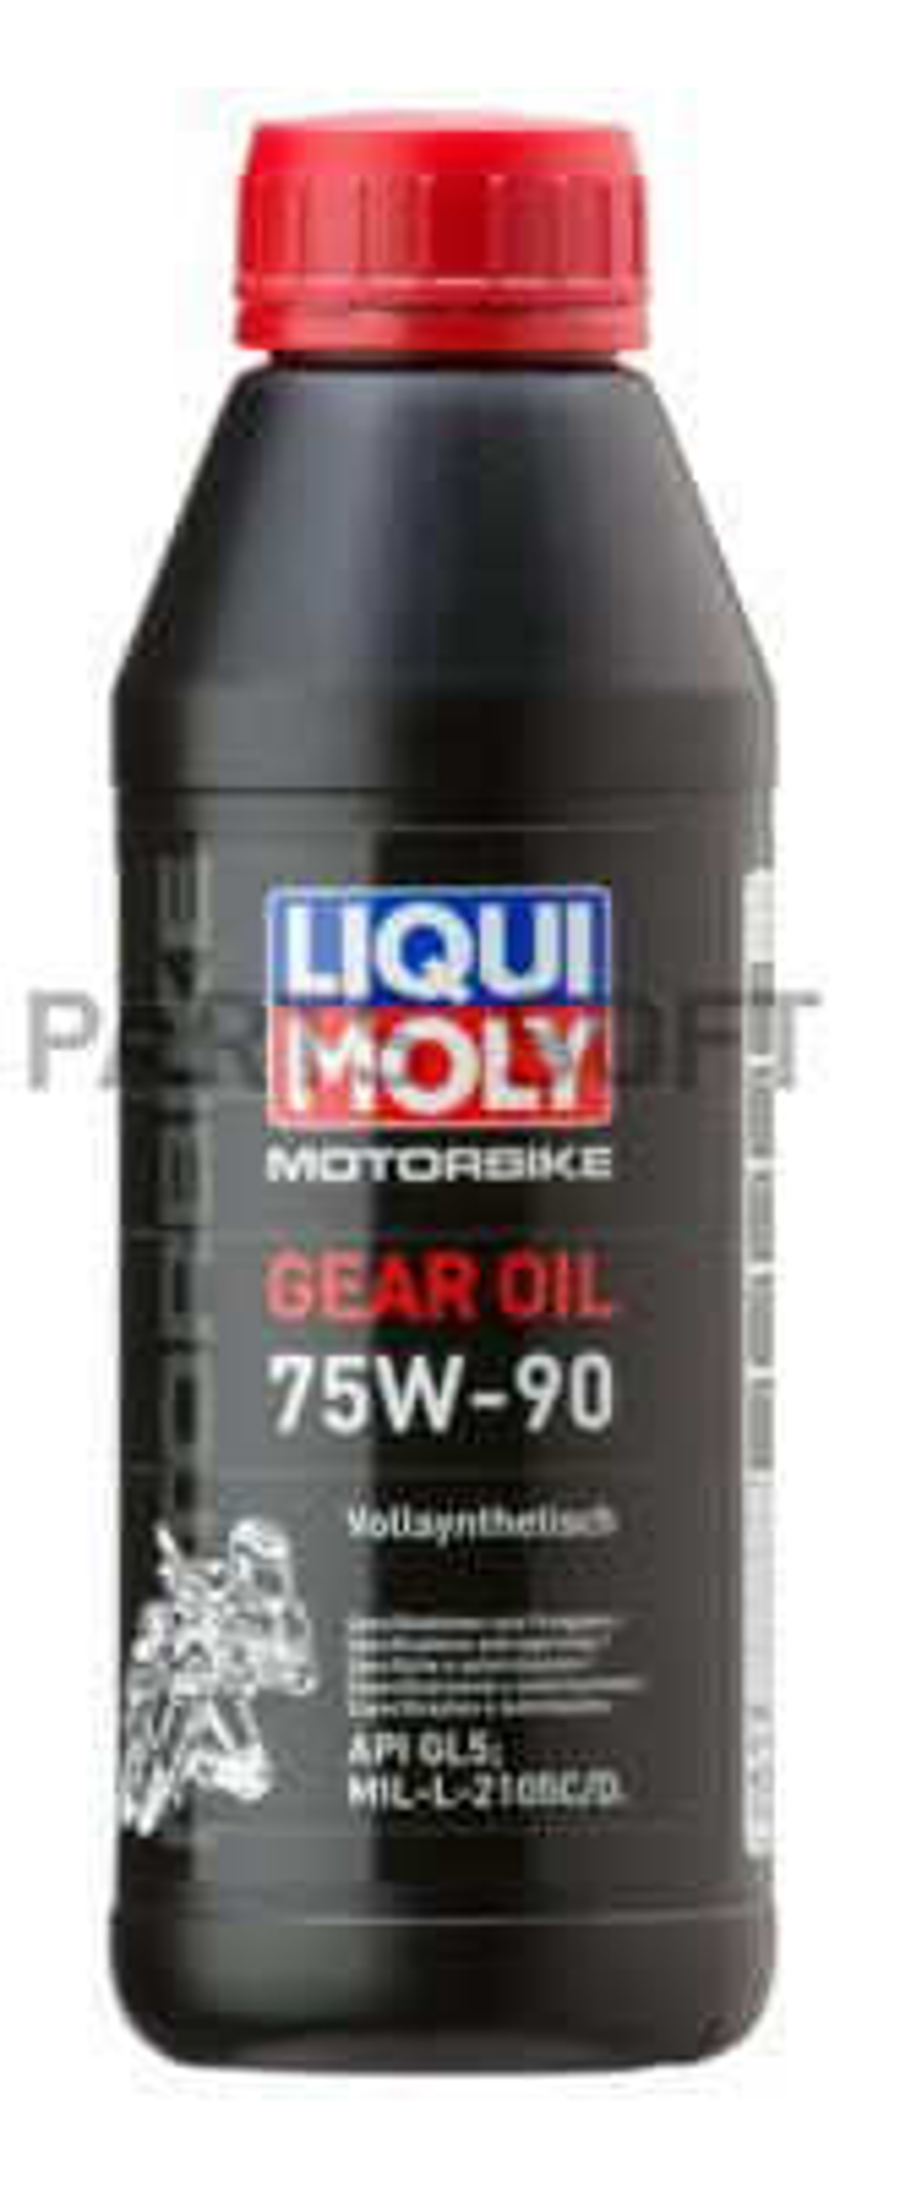 Синтетическое трансмиссионное масло для мотоциклов Motorbike Gear Oil 75W-90 0,5л